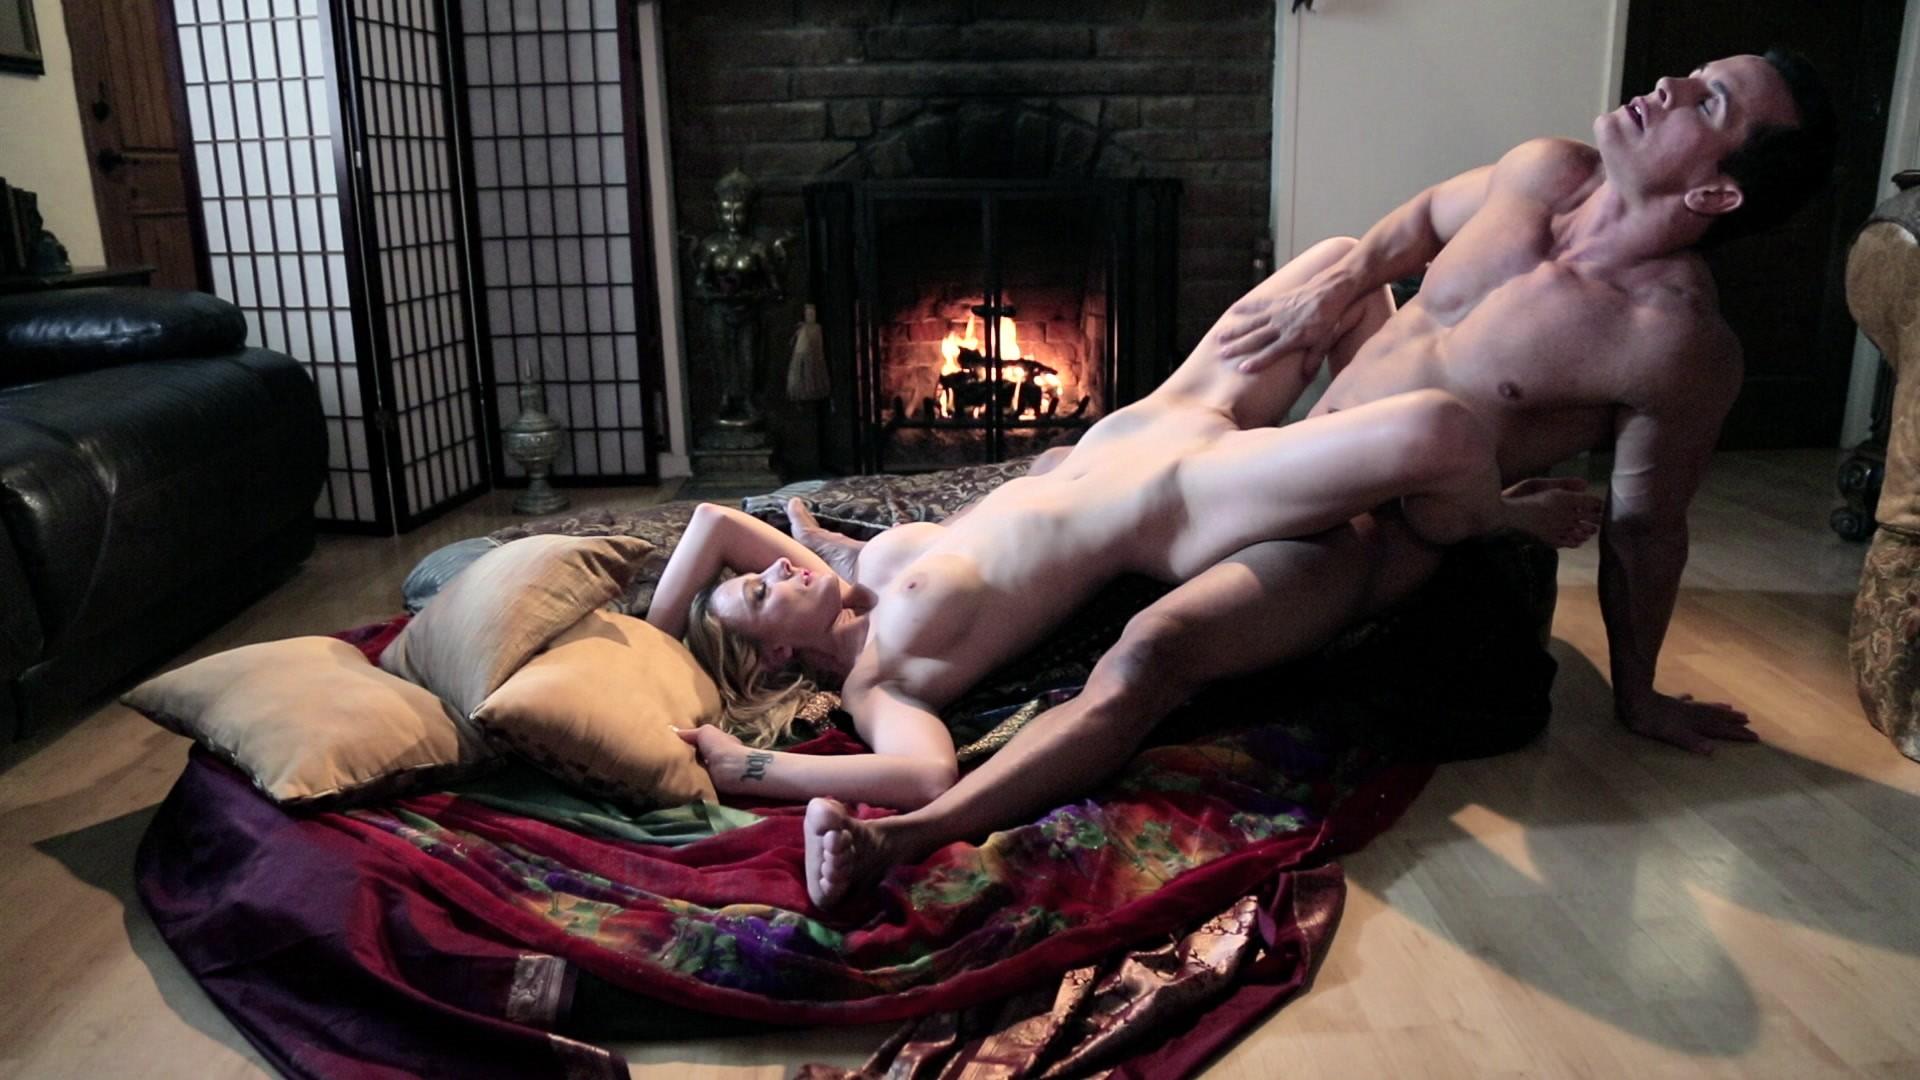 sovremennaya-kamasutra-porno-filmi-kategoriya-seks-zrelih